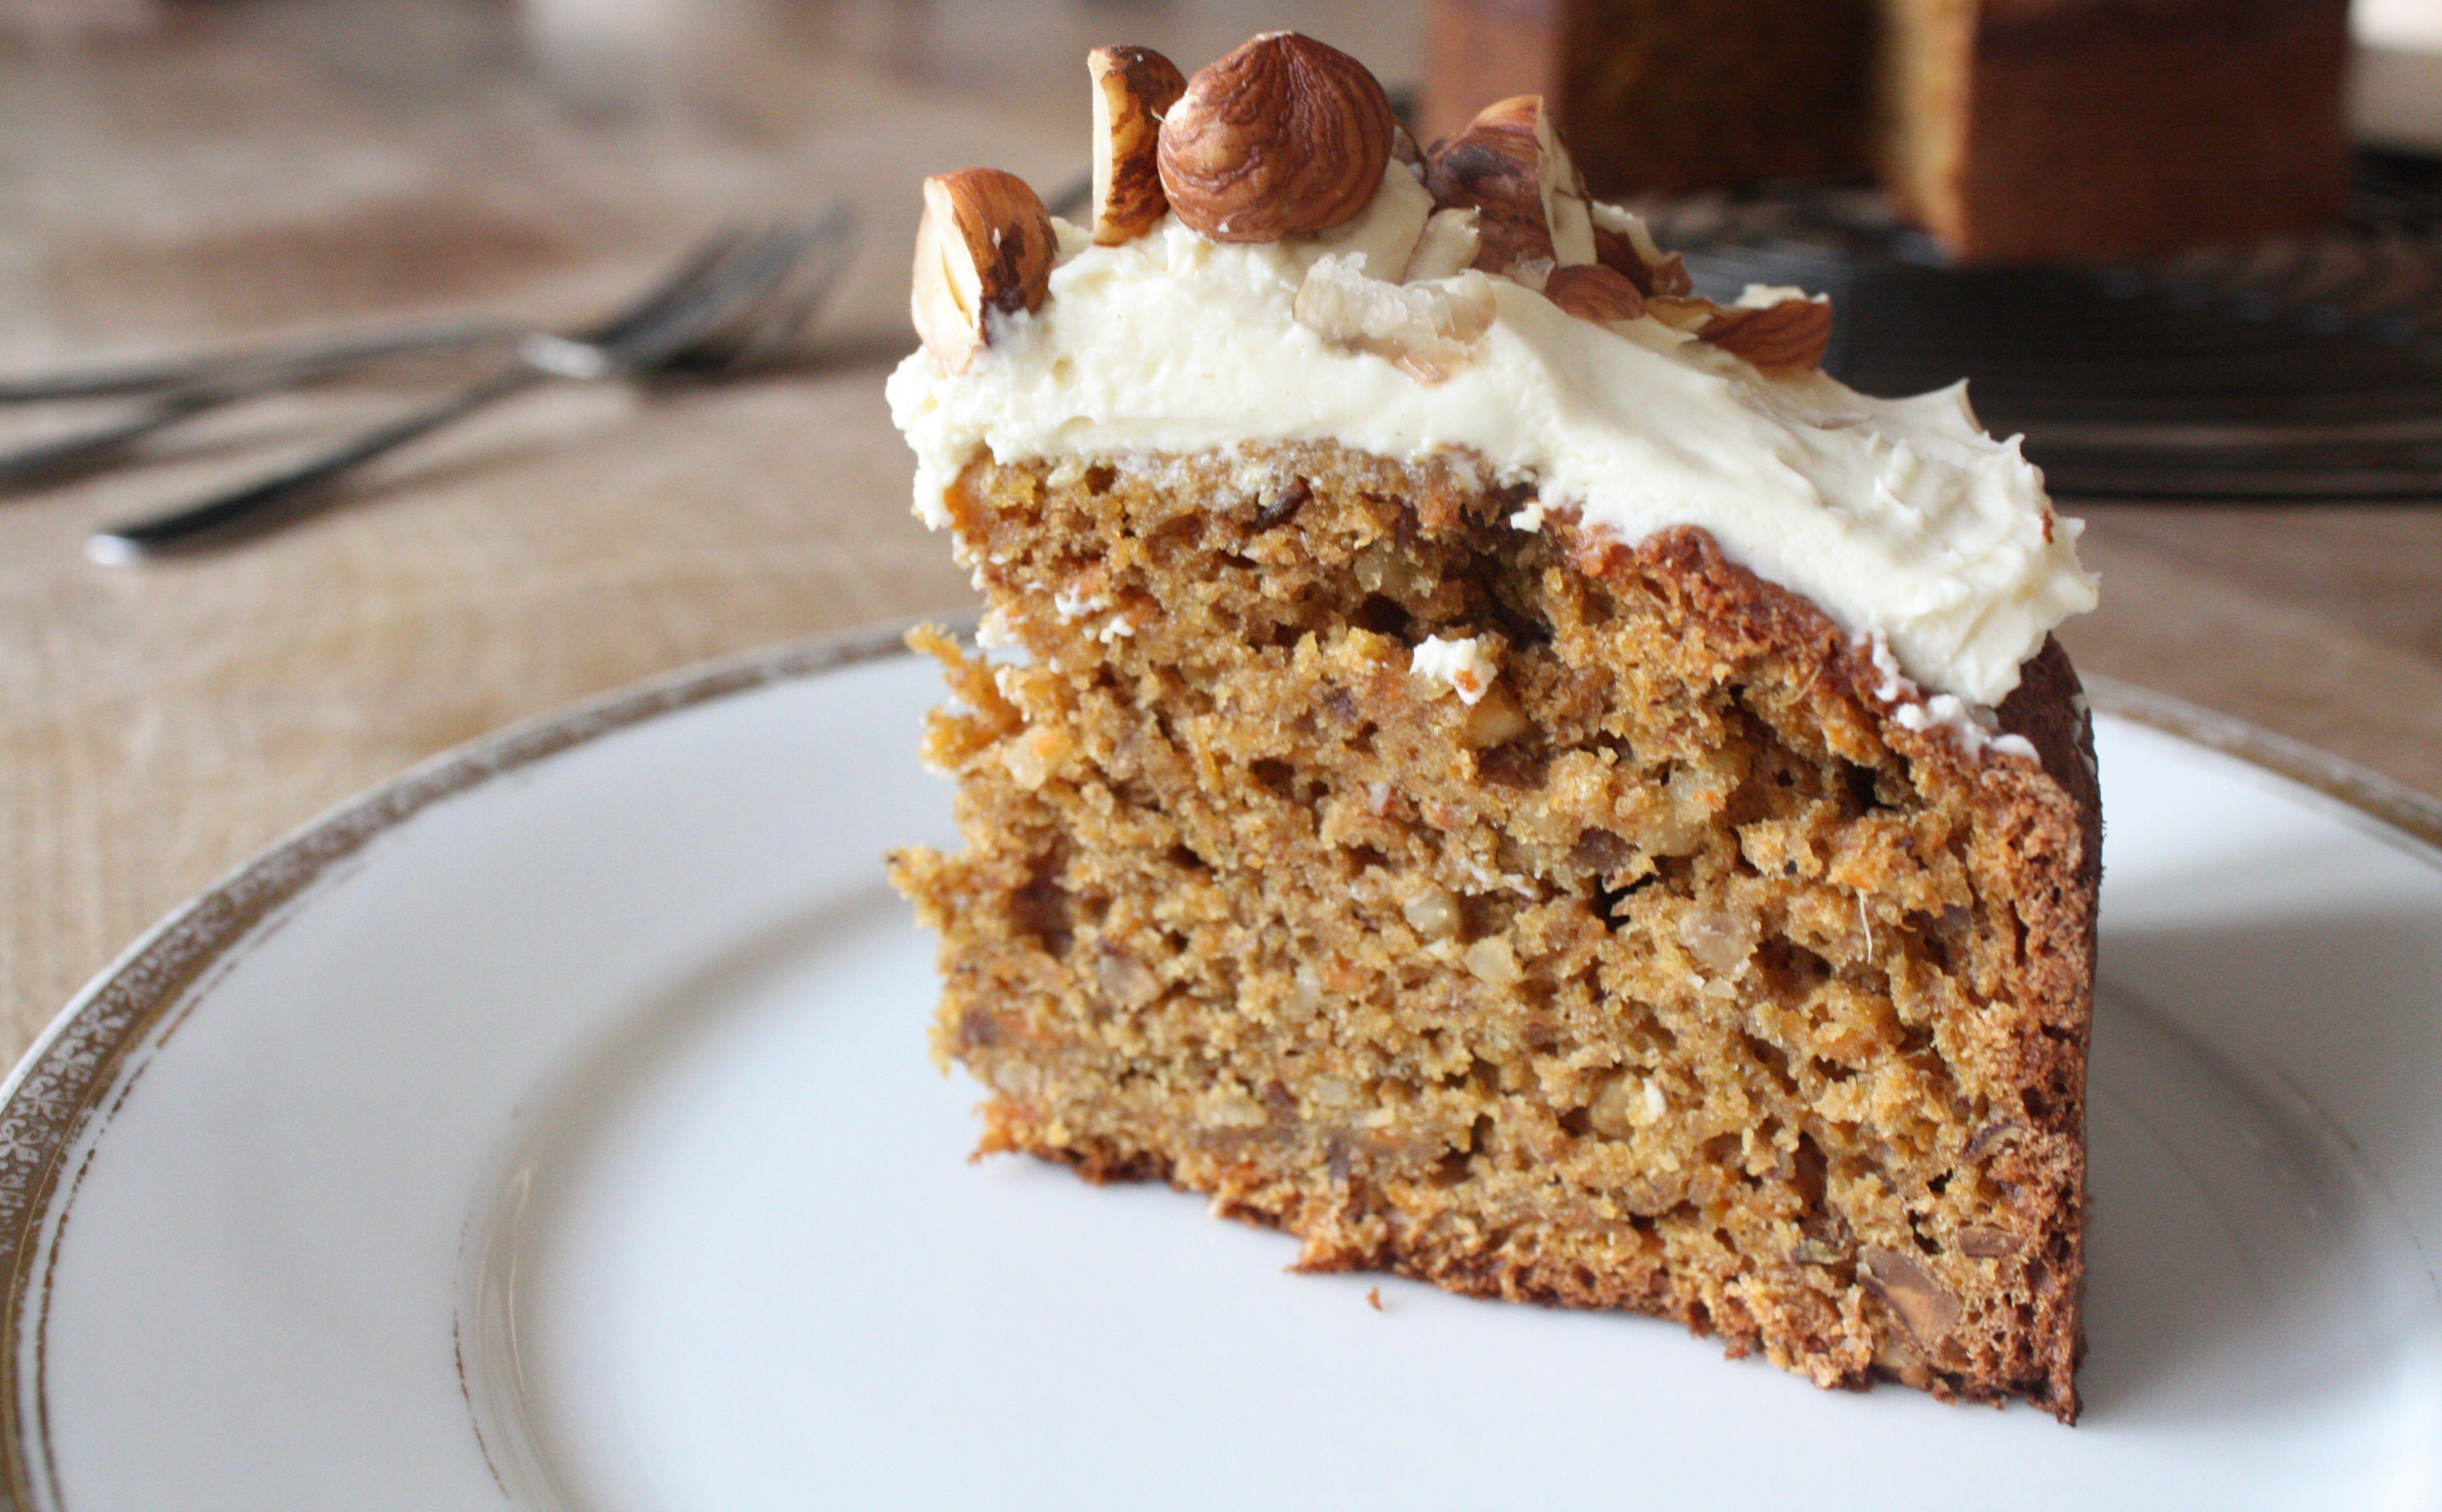 Haselnuss-Karotten-Kuchen | Ich liebe Kuchen/ I love cake ...